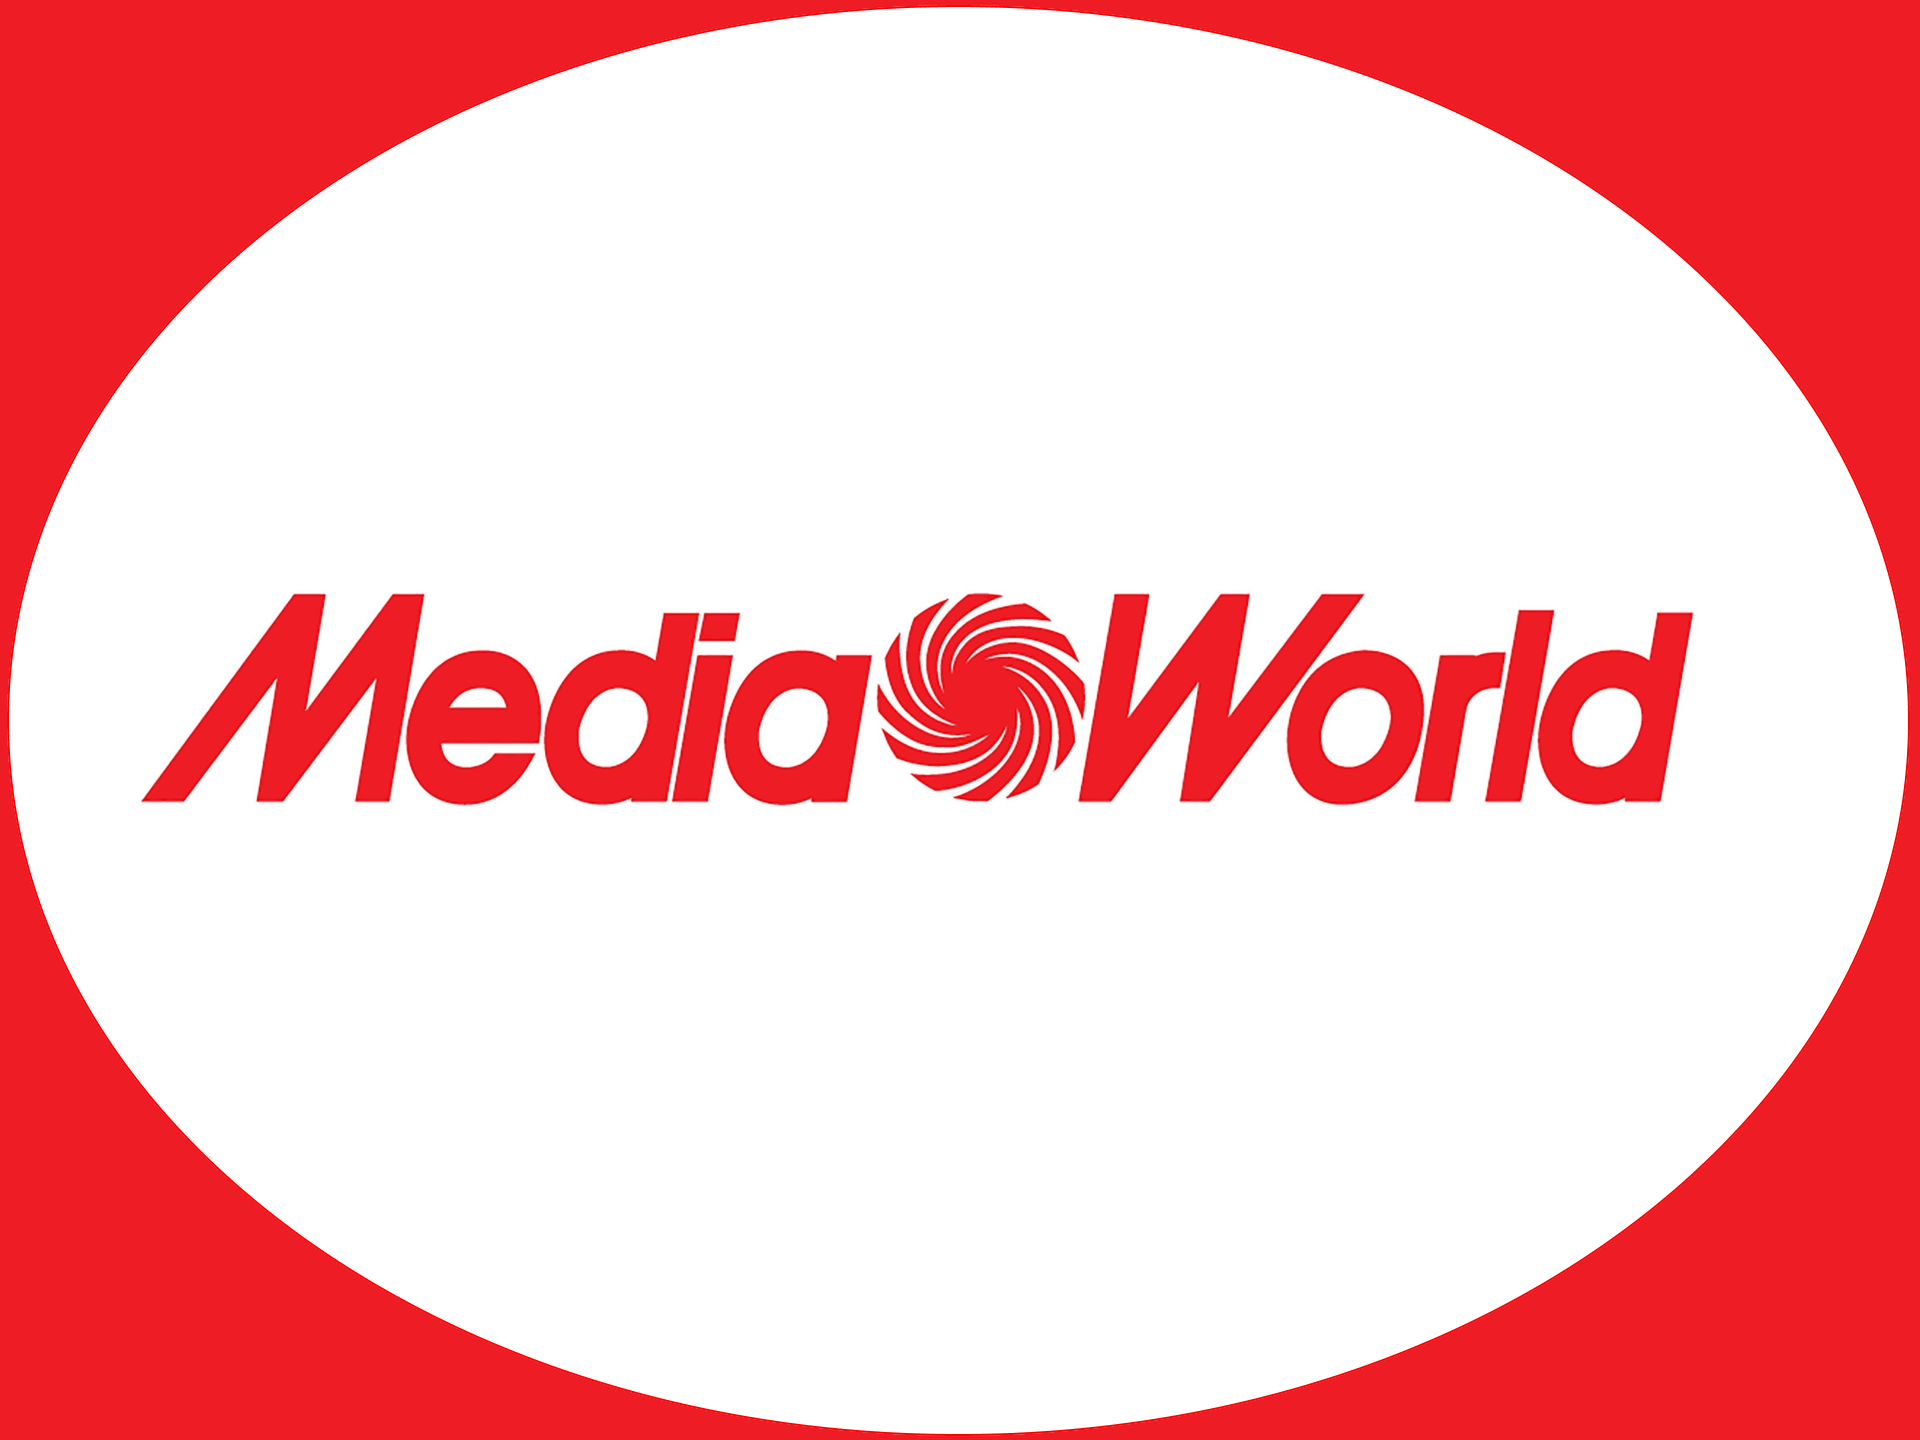 """Da Mediaworld tornano le offerte """"Solo per oggi"""": ecco i prodotti tech in offerta"""